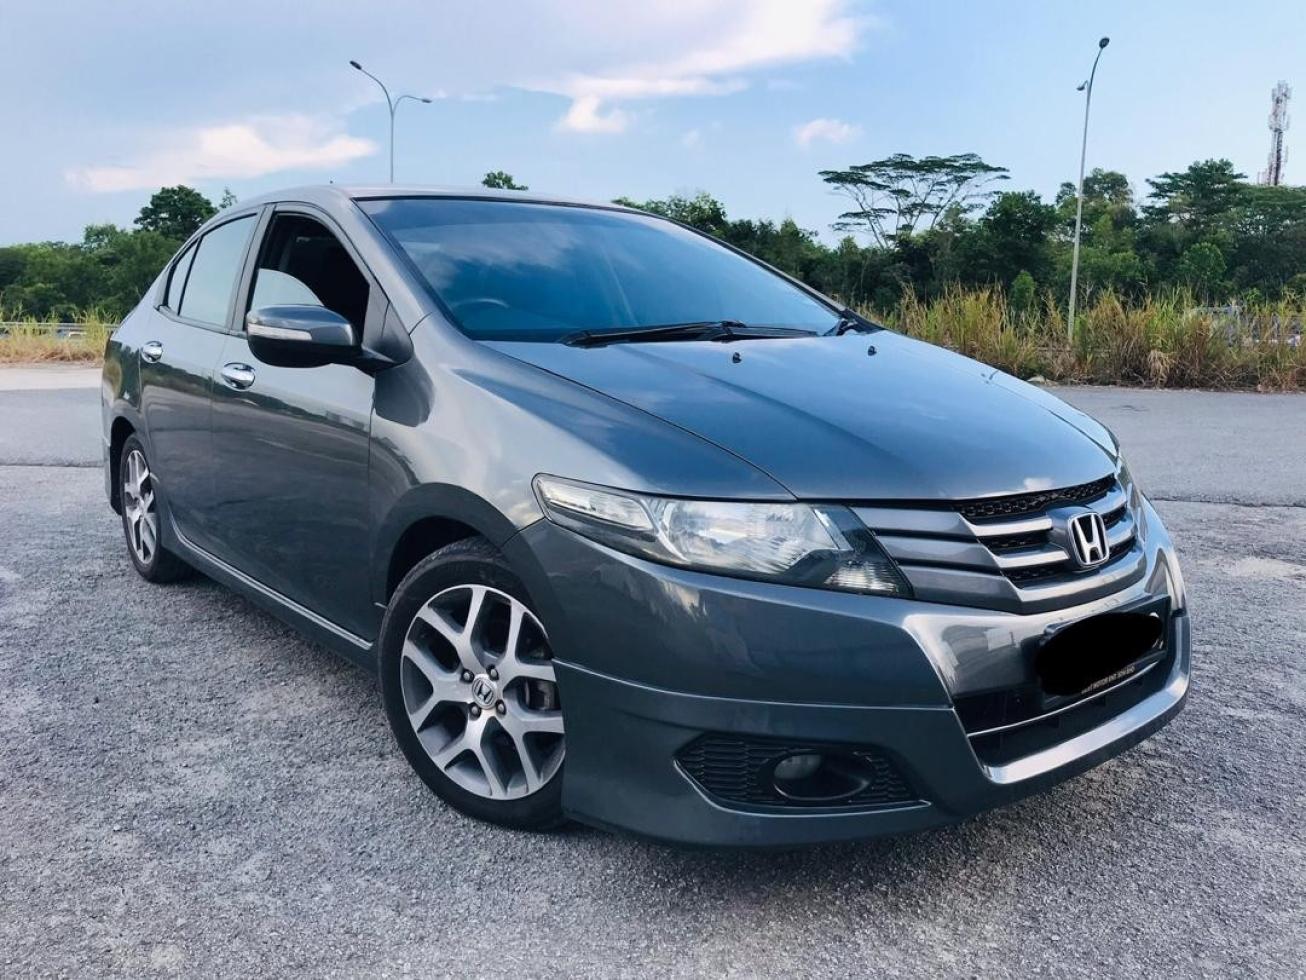 2012 Honda CITY 1.5 E FACELIFT (A)